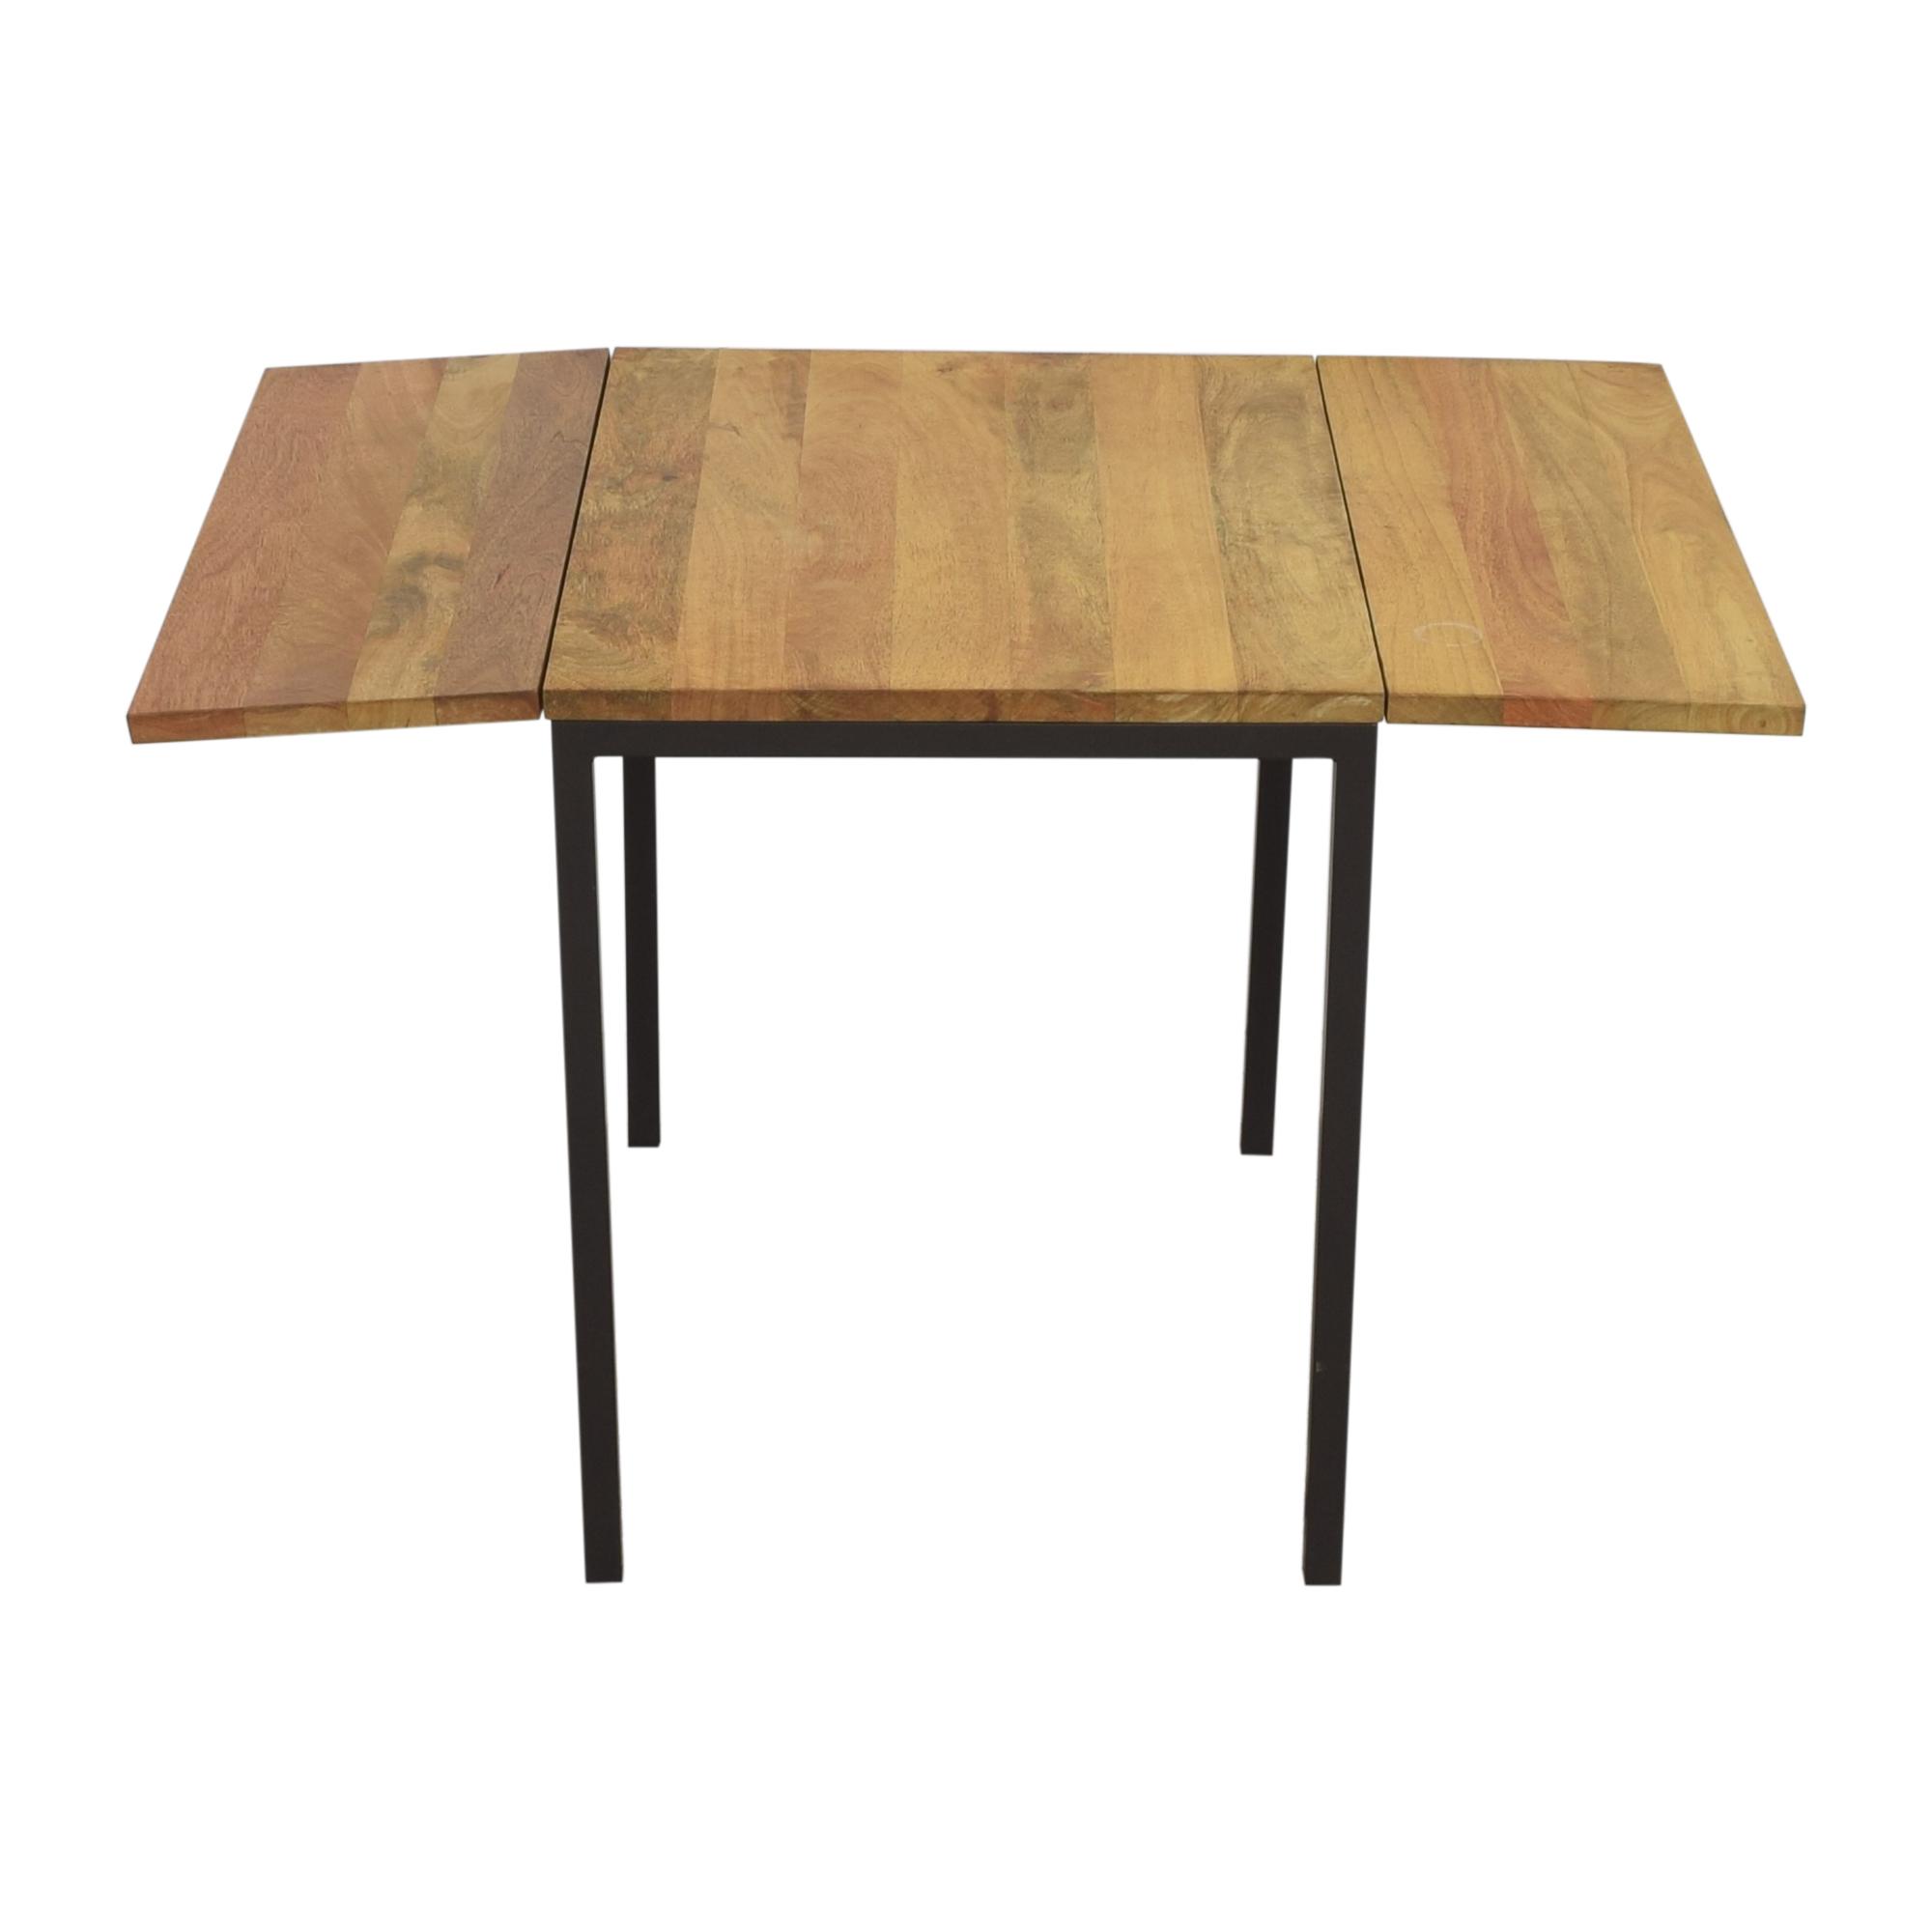 West Elm West Elm Box Frame Drop Leaf Expandable Table price